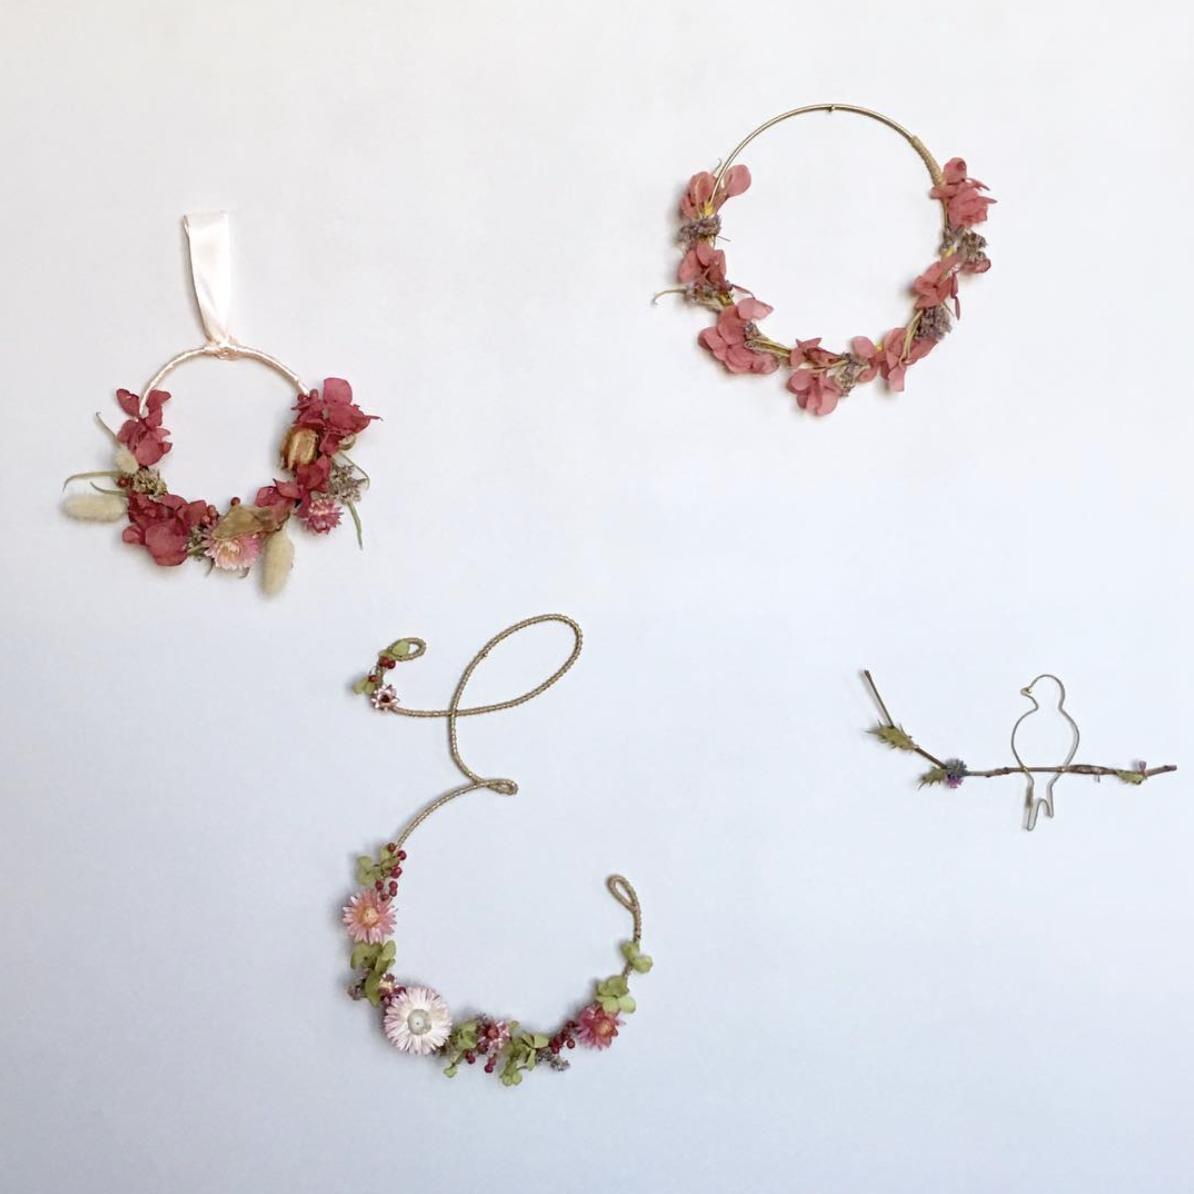 huguettes-fleurs-sechees-ecologiques-francaises